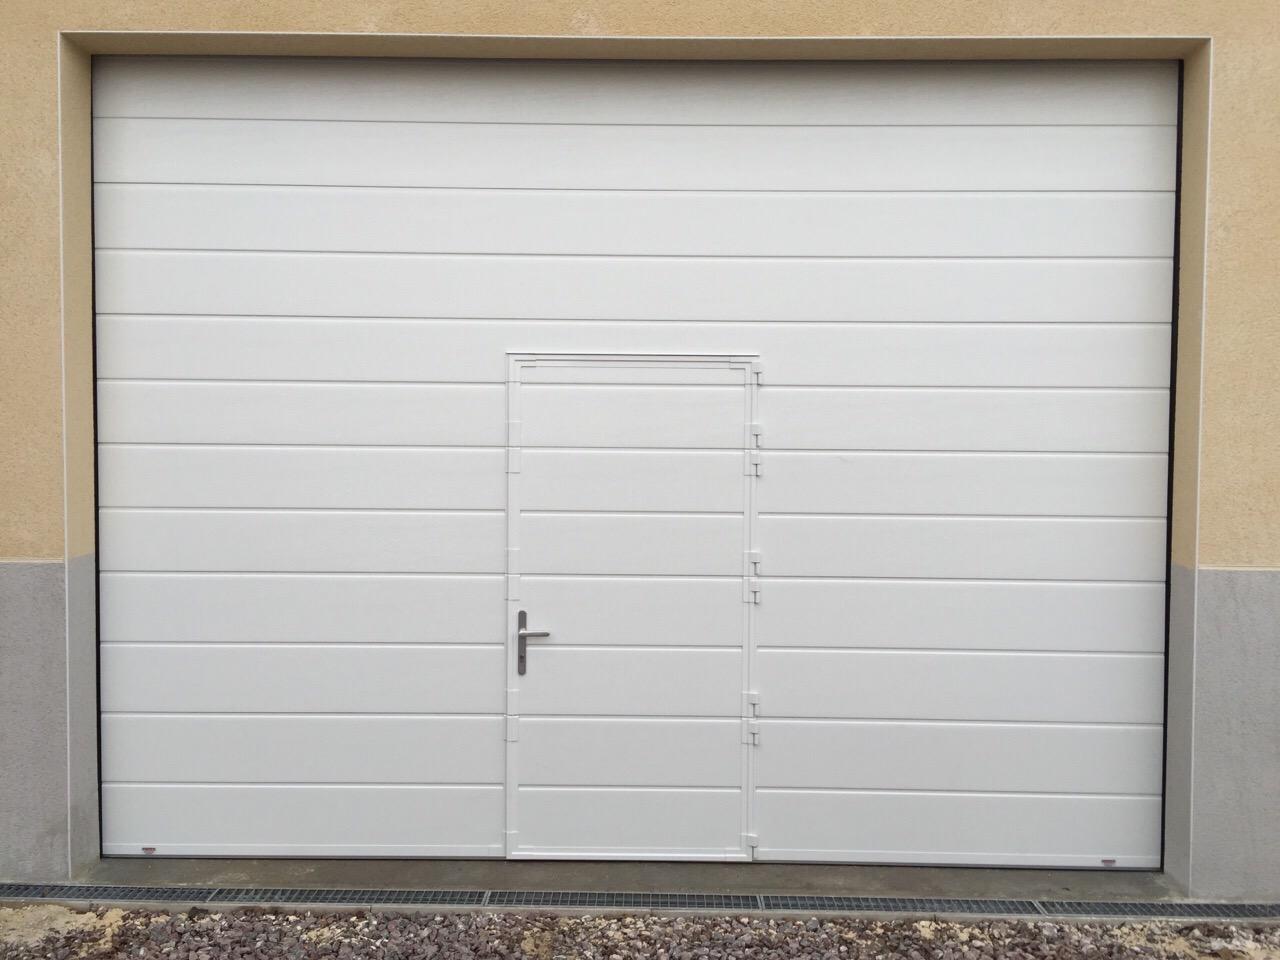 Portes sectionnelle industrielle sure mesure portech - Porte sectionnelle avec porte ...